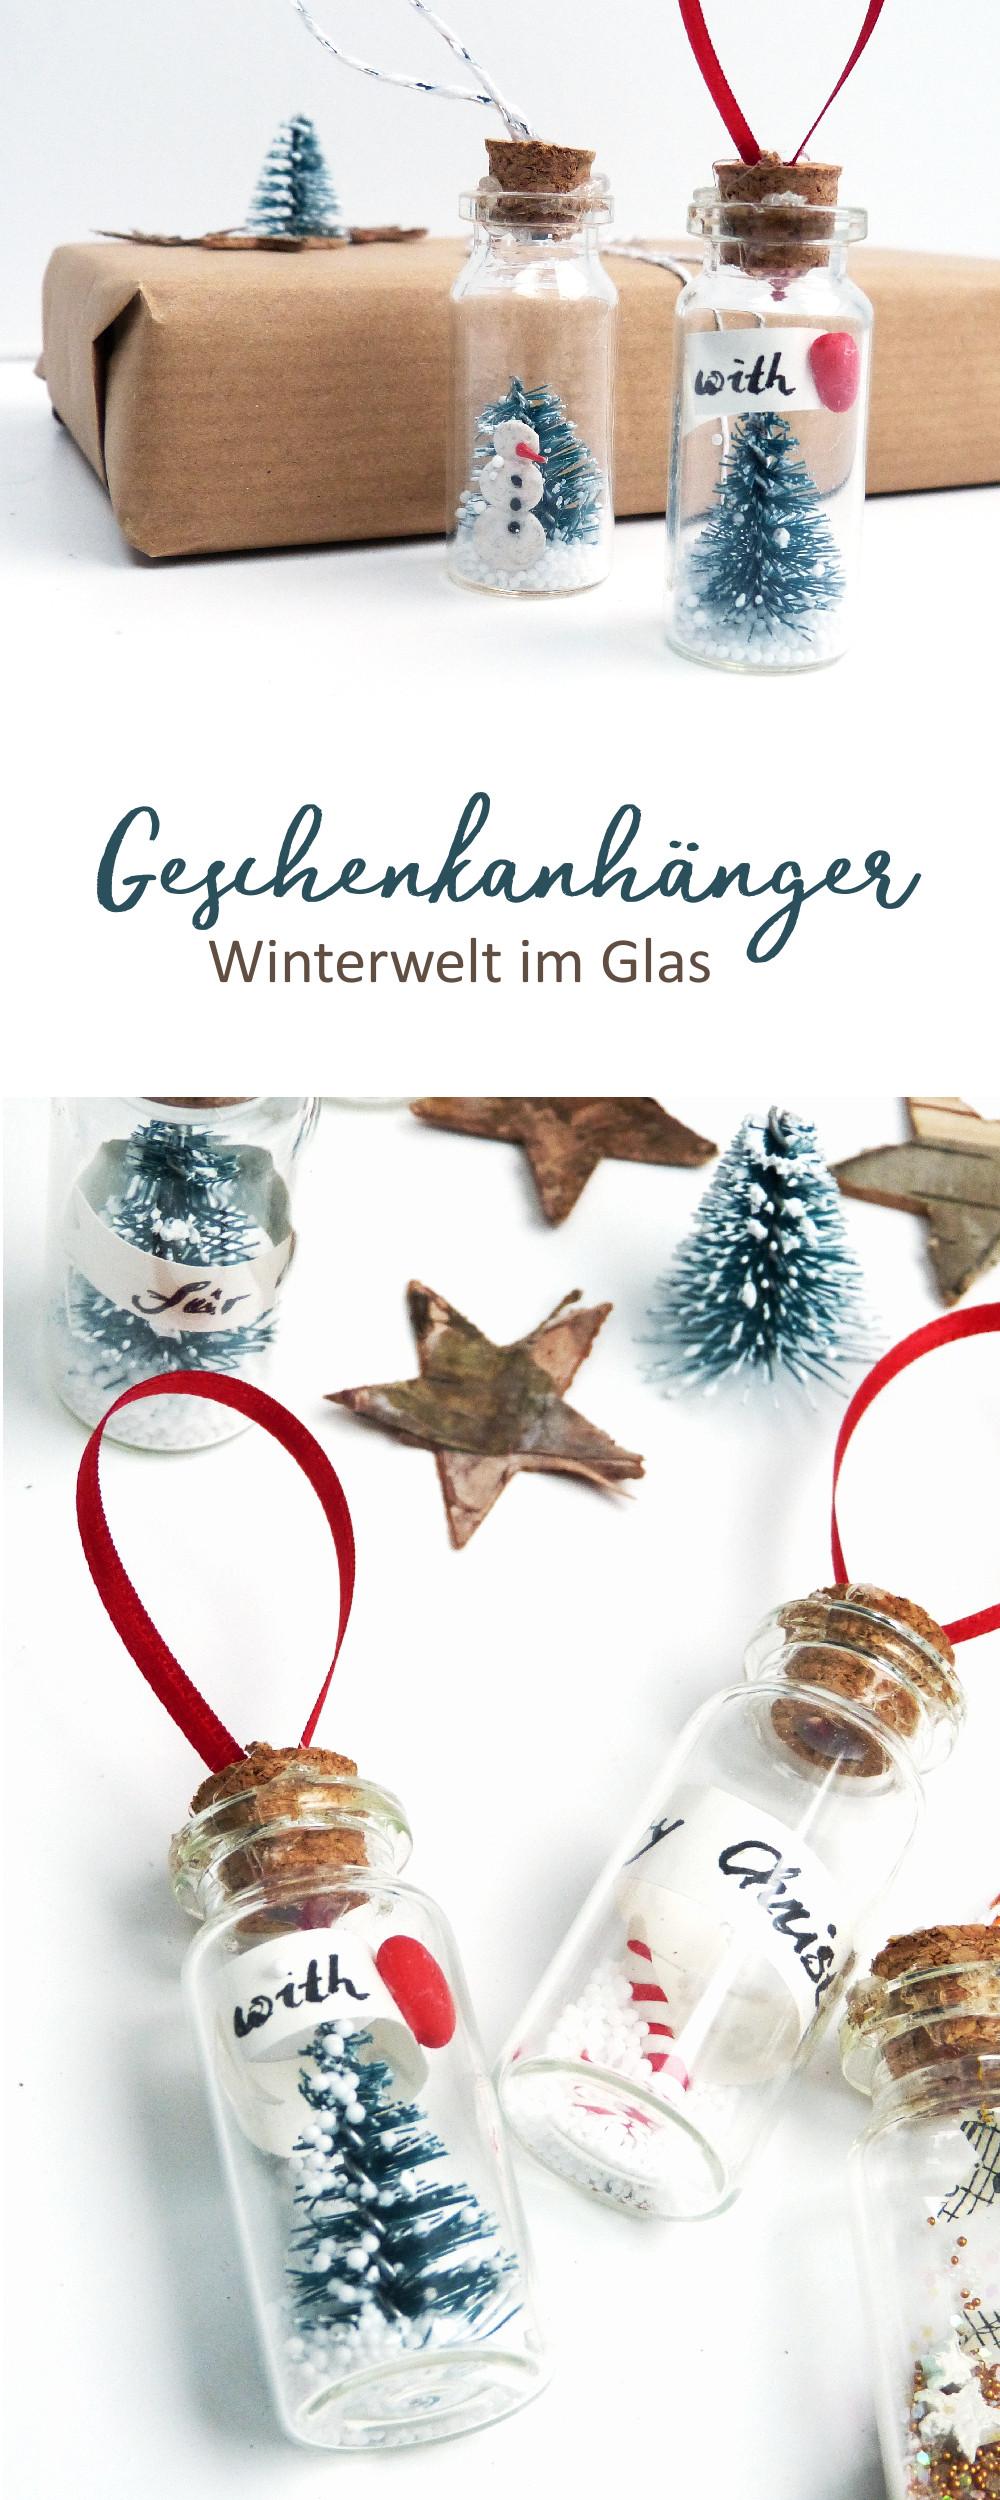 DIY Winterwelt im Glas. Mach deine eigenen Geschenkanhänger